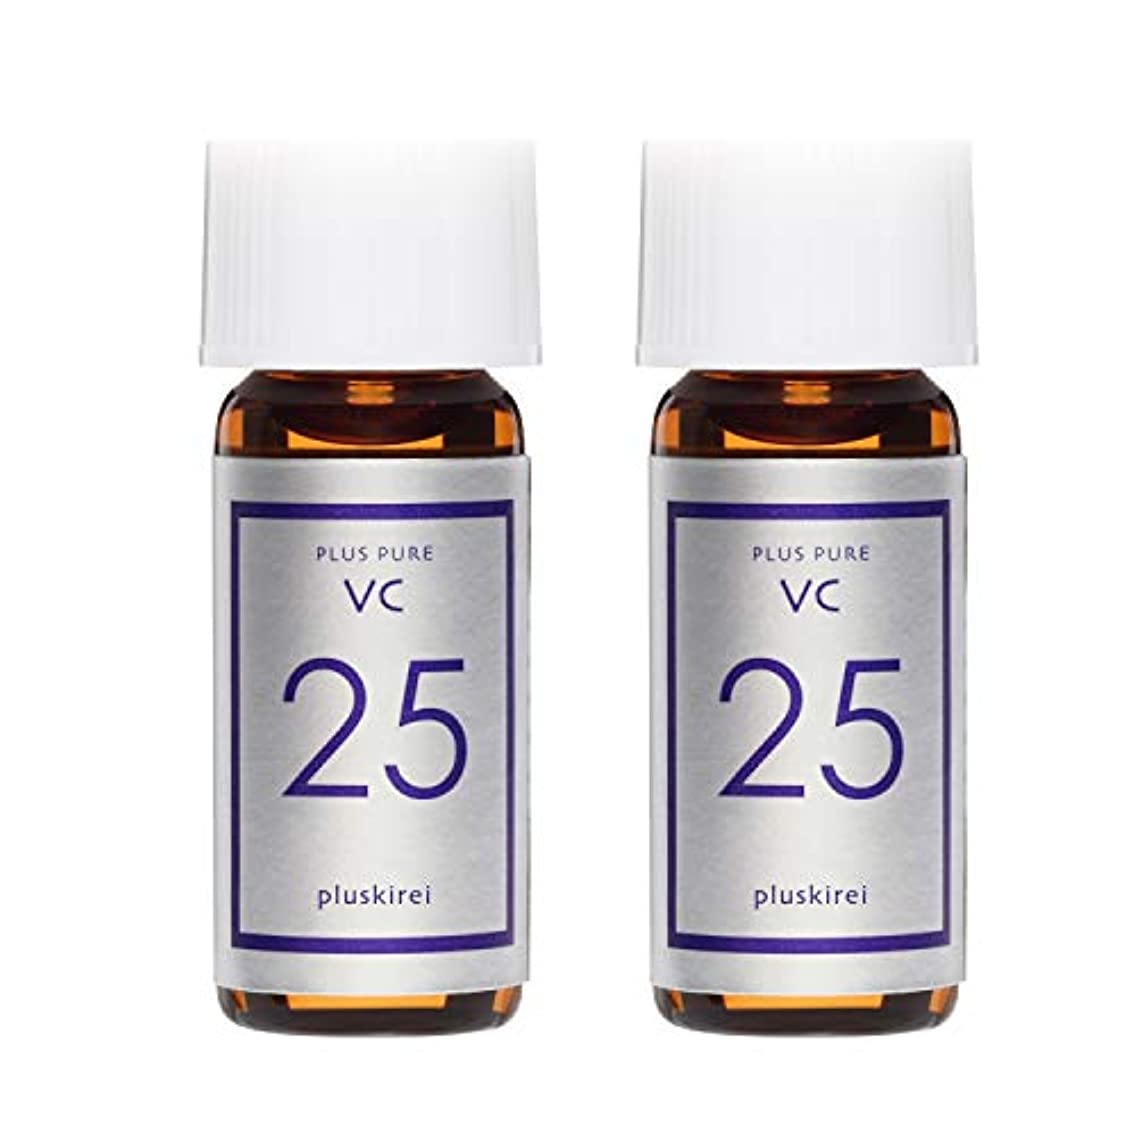 ナチュラリズム利用可能ビタミンC 美容液 プラスキレイ プラスピュアVC25 ピュアビタミンC25%配合 両親媒性美容液 (2mL(1週間お試し)2本)